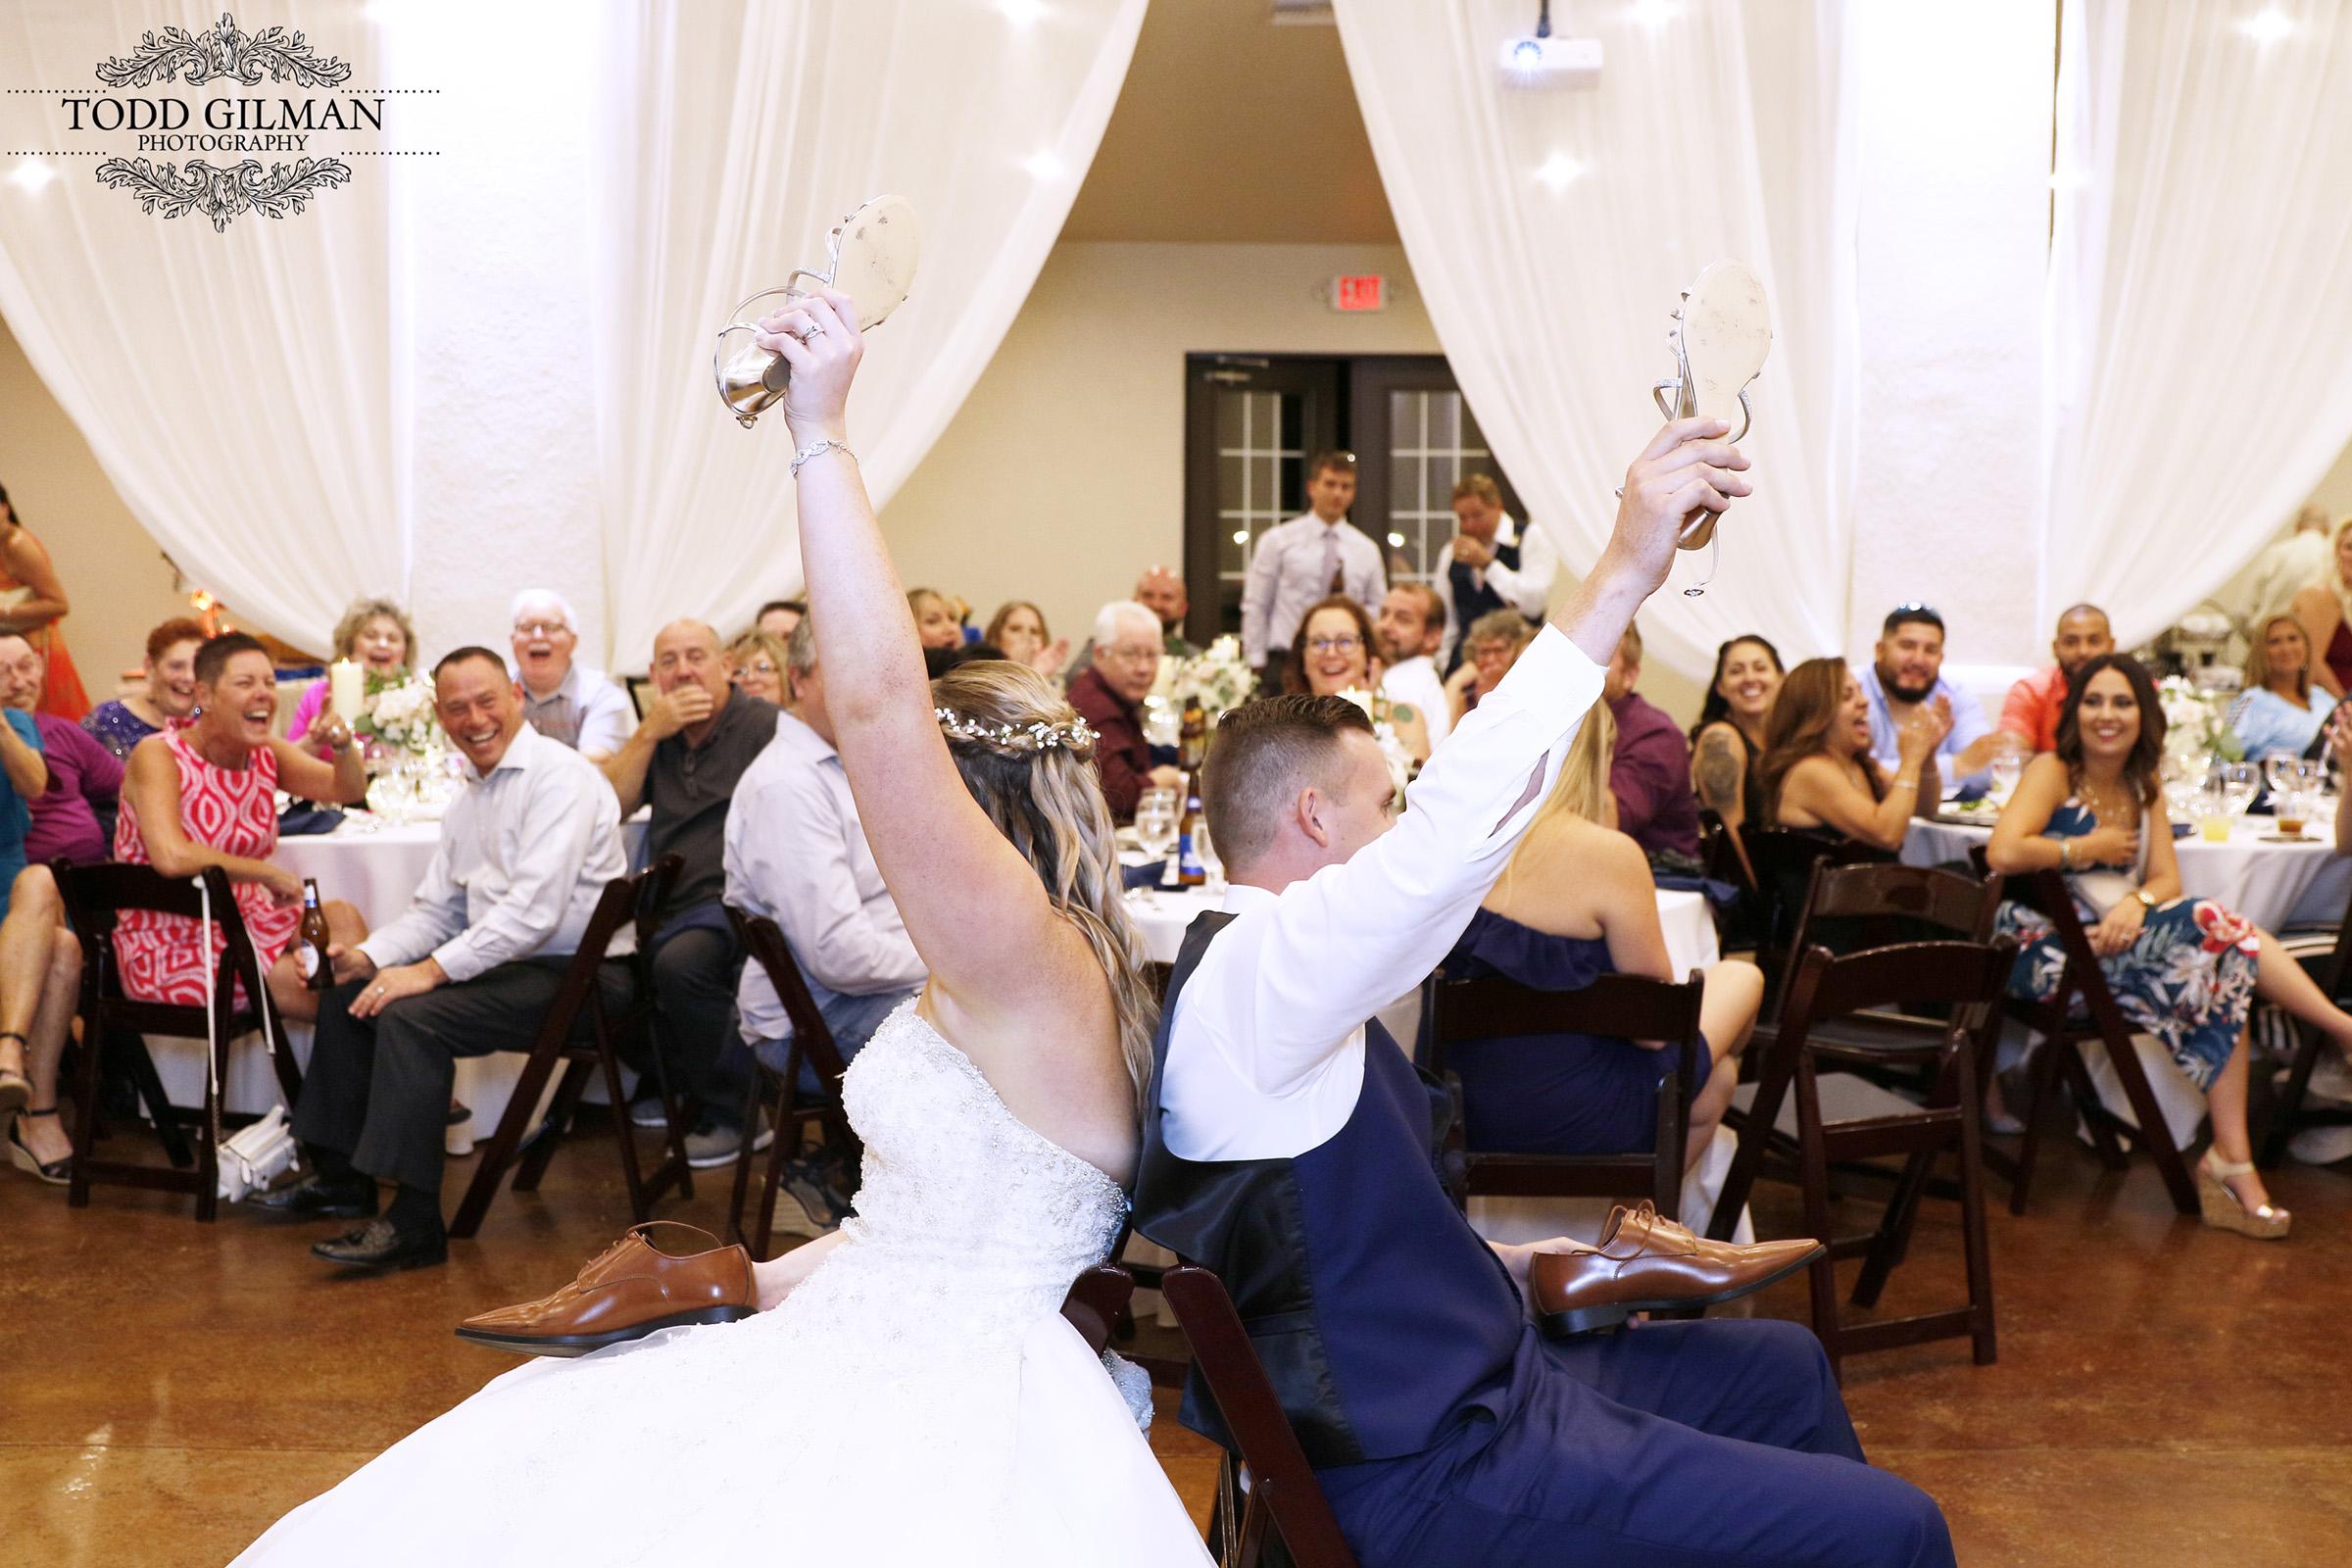 Bakers Ranch- All Inclusive - Wedding Venue  (12).jpg